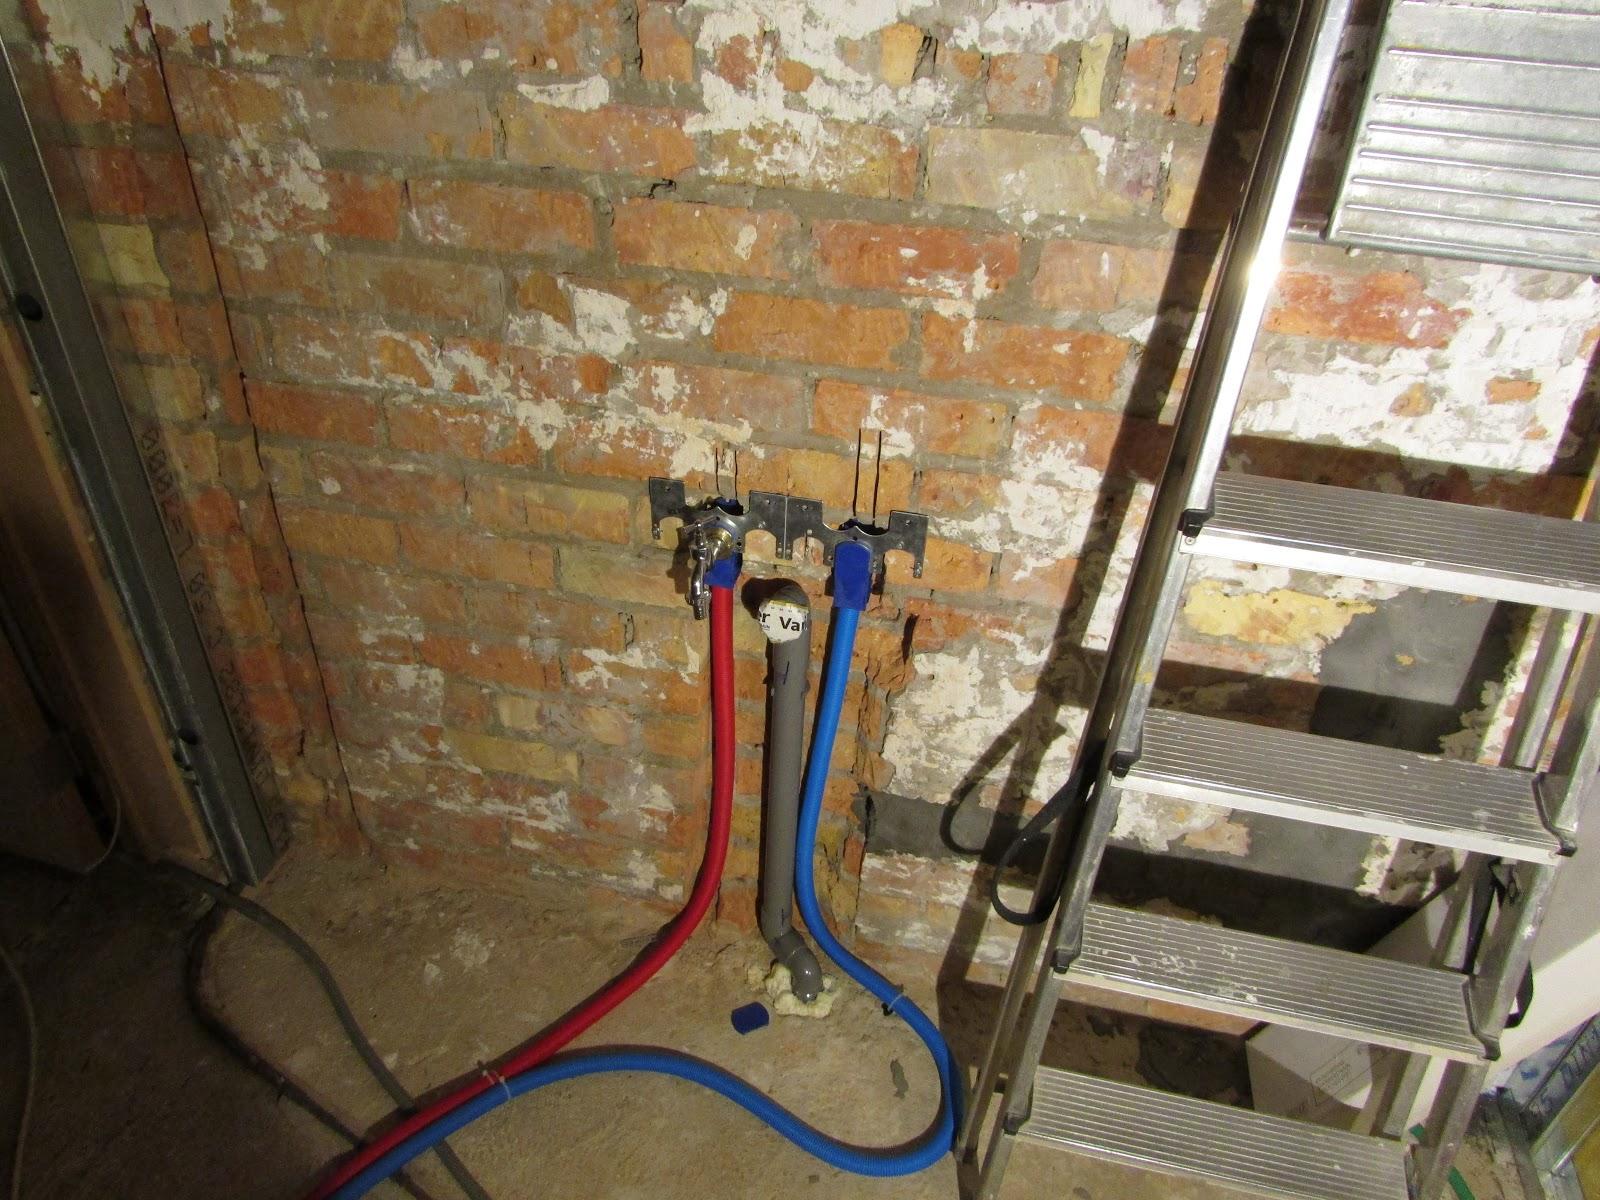 verbouwing van ons ouderlijk huis: waterleidingen badkamer 2